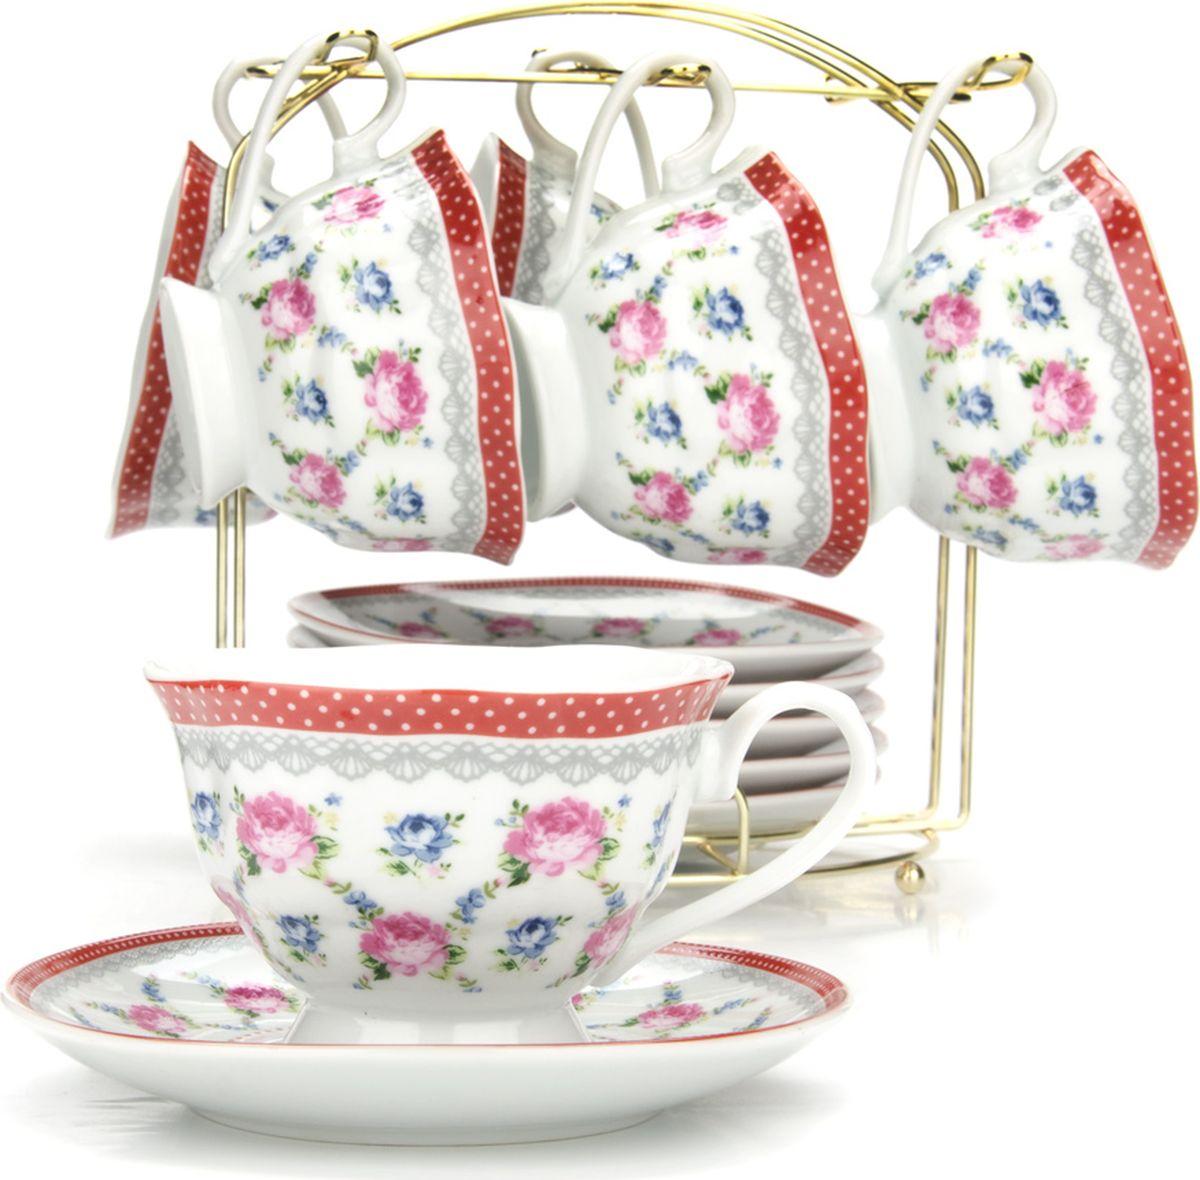 Сервиз чайный Loraine, на подставке, 13 предметов. 43296 сервиз чайный loraine на подставке 13 предметов 43294